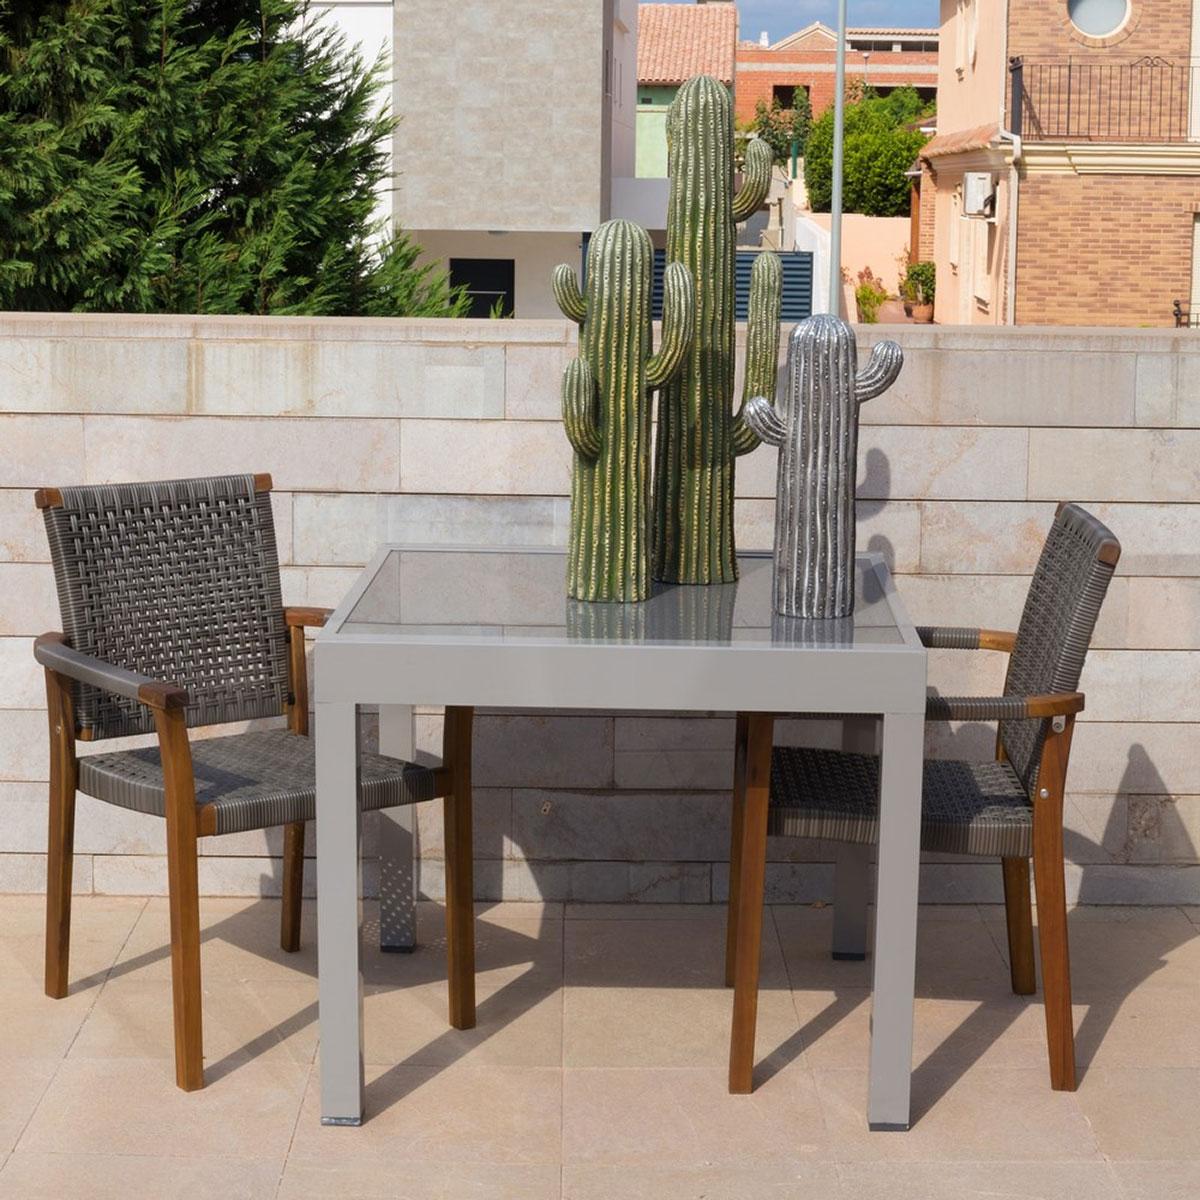 Table extensible en aluminium gris - Gris - 90.00 cm x 90.00 cm x 74.50 cm